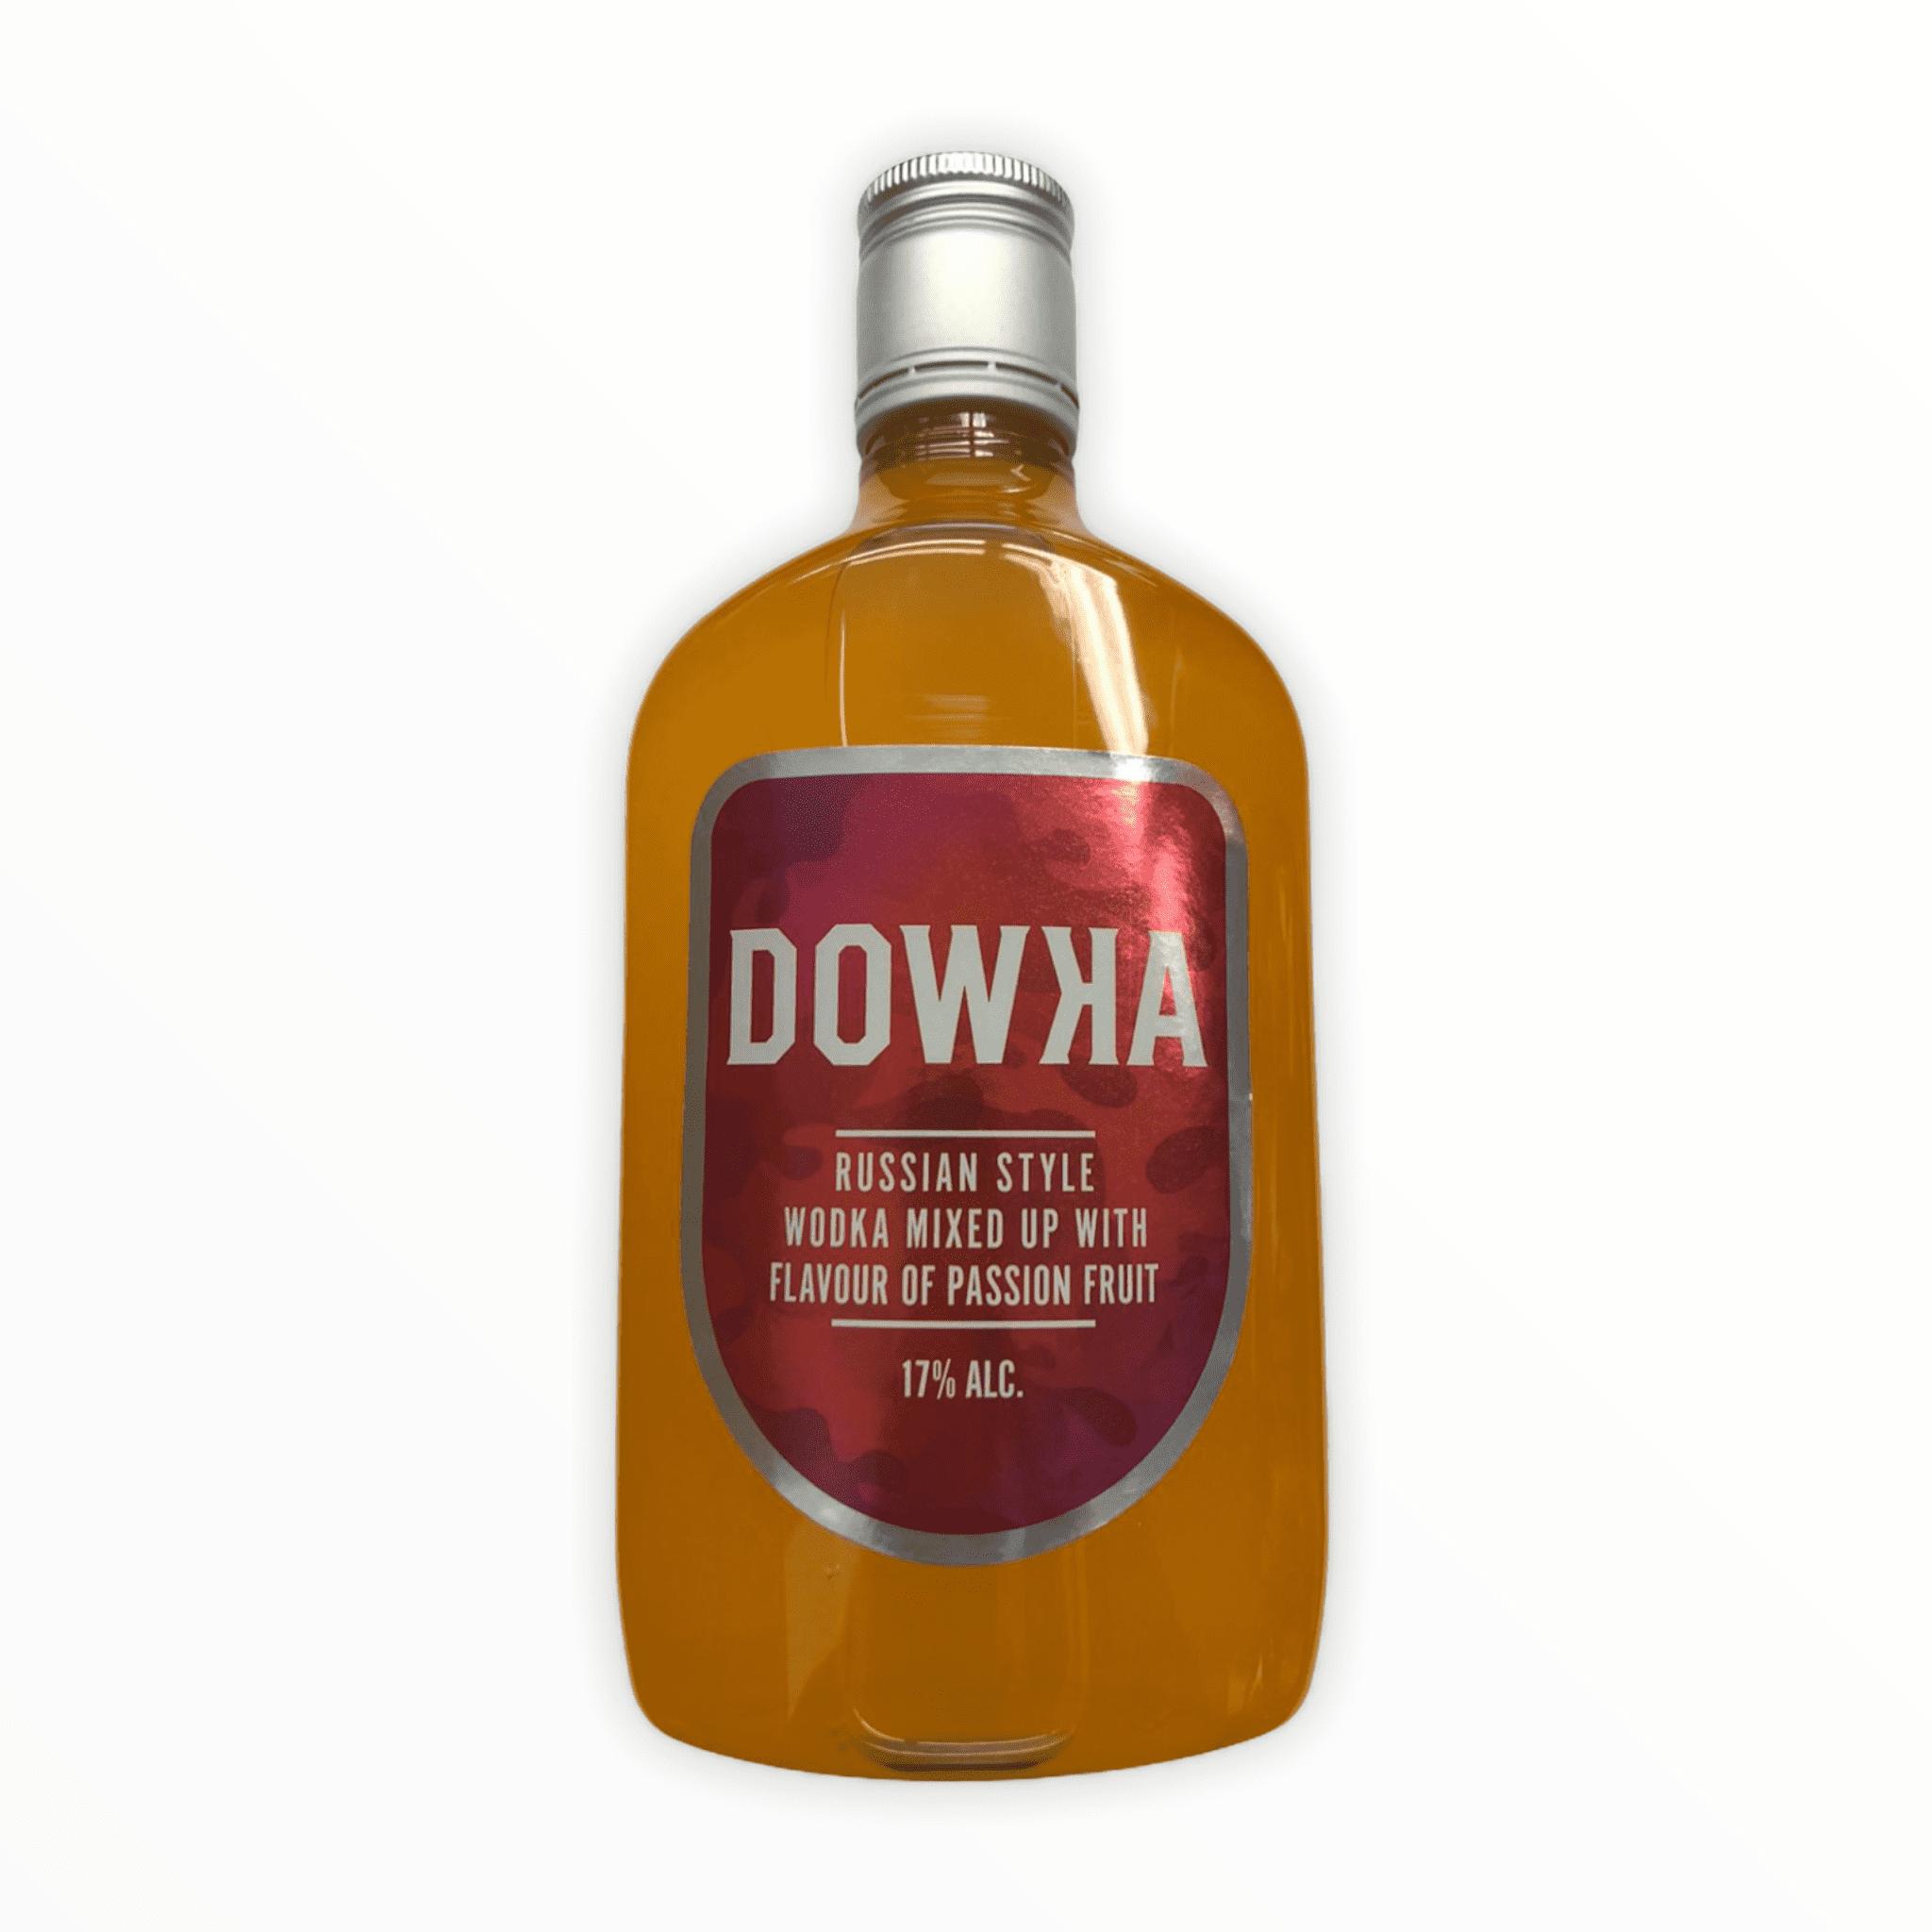 Dowka Likör mit Passionsfrucht-Geschmack 17% Vol. 0,5l